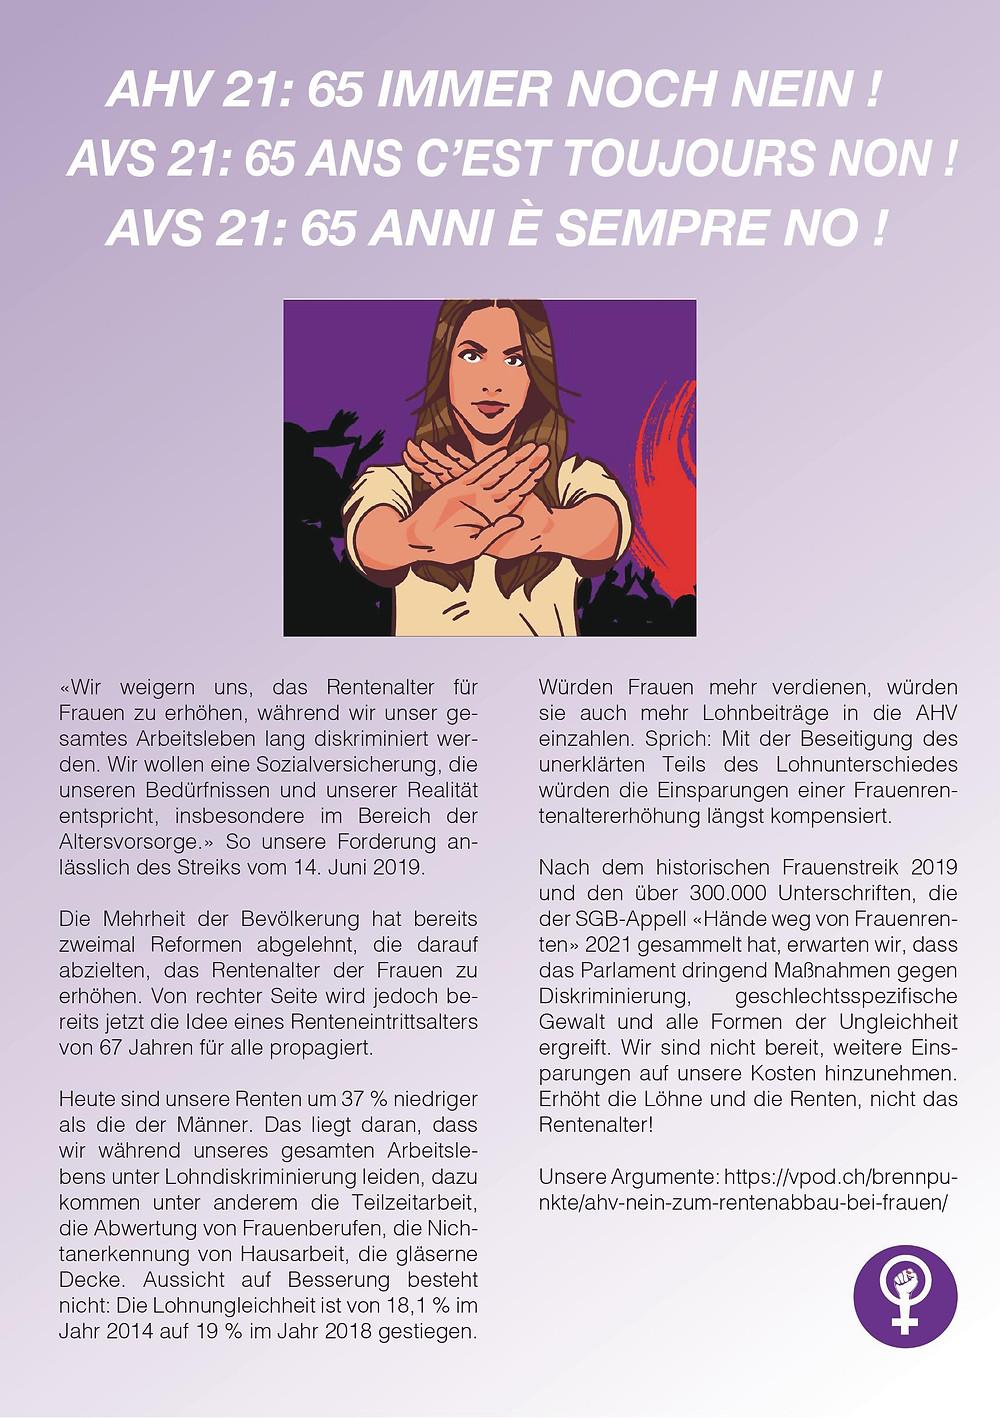 Flyer sur l'AVS 21 : 65 ans c'est toujours non. Une illustration est en dessous du texte, une femme faisant un signe de croix, comme un stop, avec ses deux mains. En dessous de l'image, un texte expliquant les arguments du non à cette AVS21. Le texte est traduit en français, italien et allemand